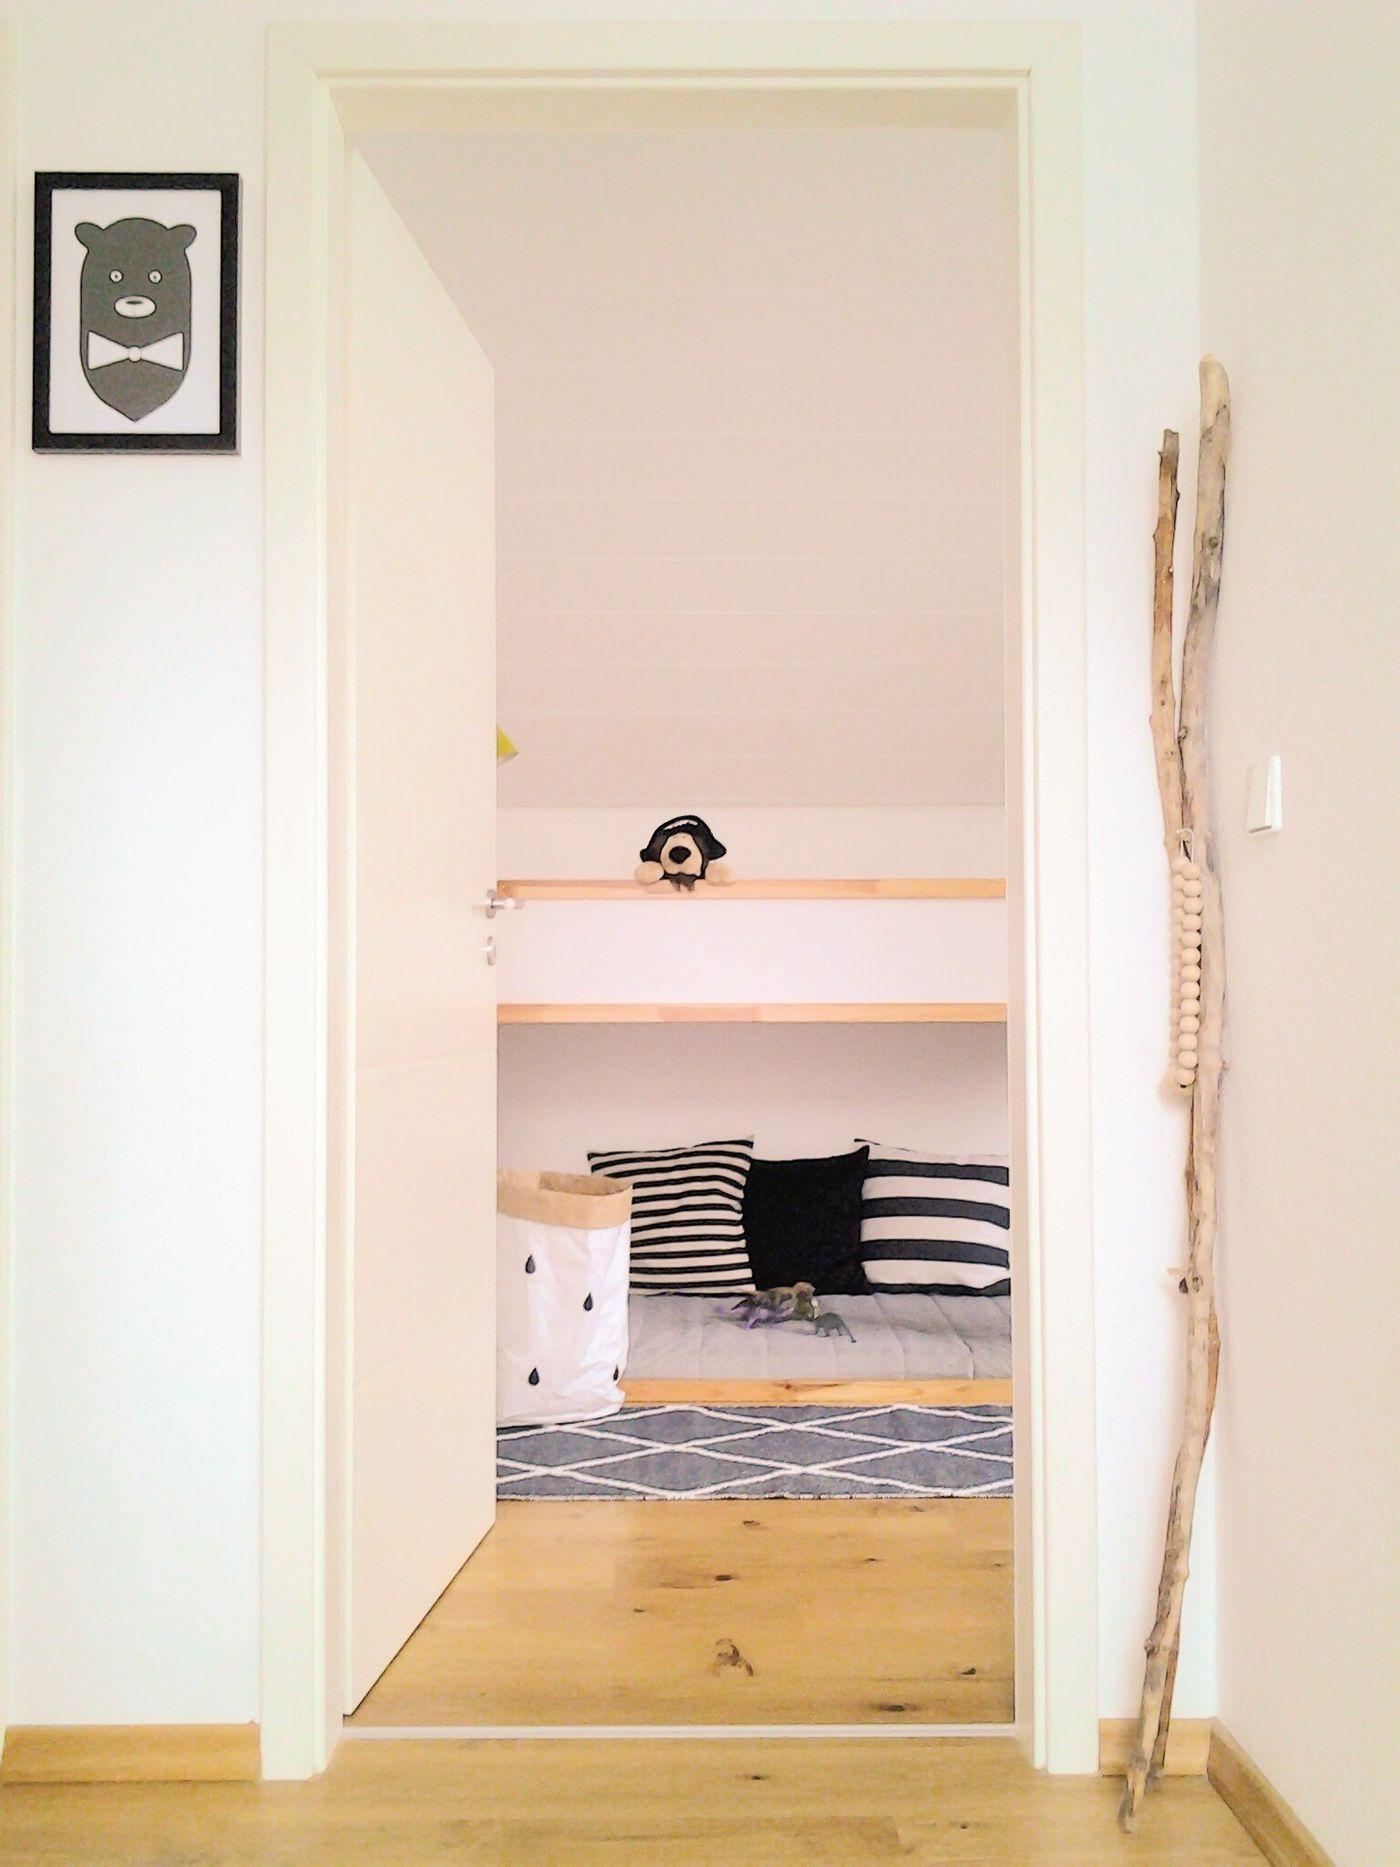 Full Size of Skandinavische Kinderzimmer Deckenlampe Bad Küche Deckenlampen Wohnzimmer Modern Esstisch Skandinavisch Für Bett Schlafzimmer Wohnzimmer Deckenlampe Skandinavisch